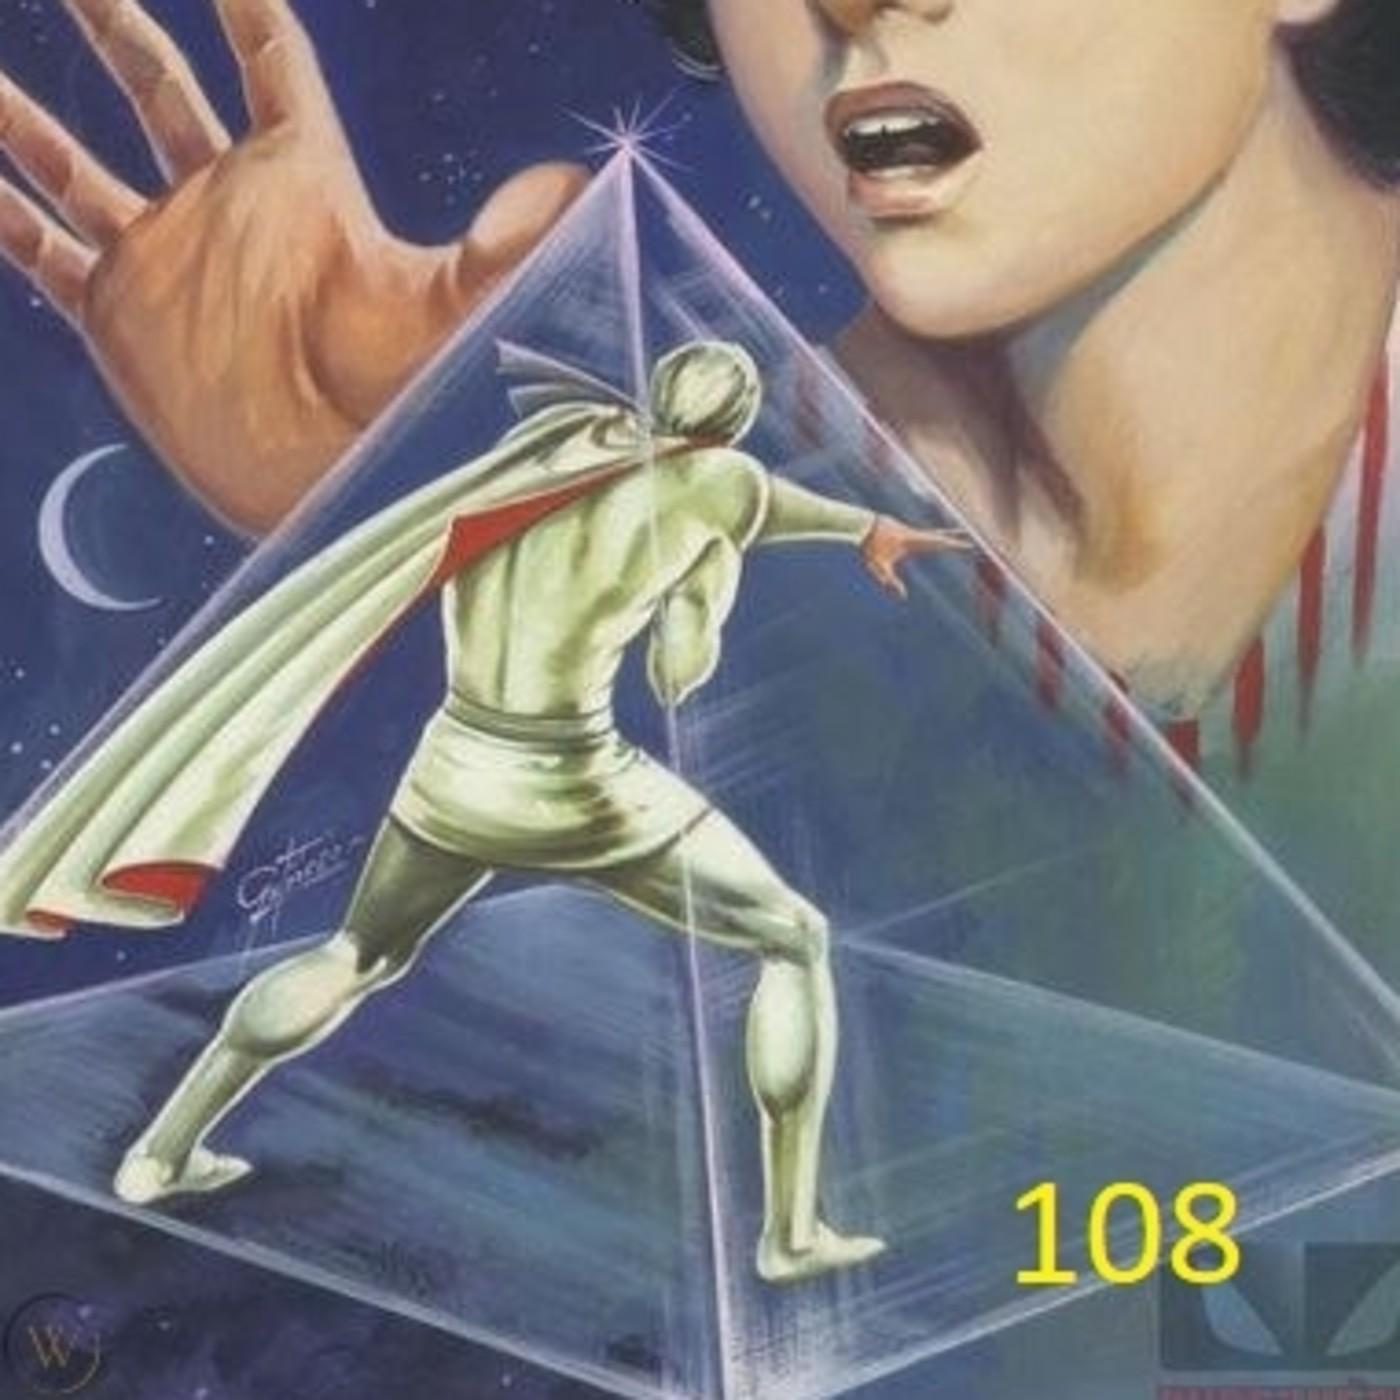 30x108 Muerte en la cuarta dimensión Kaliman